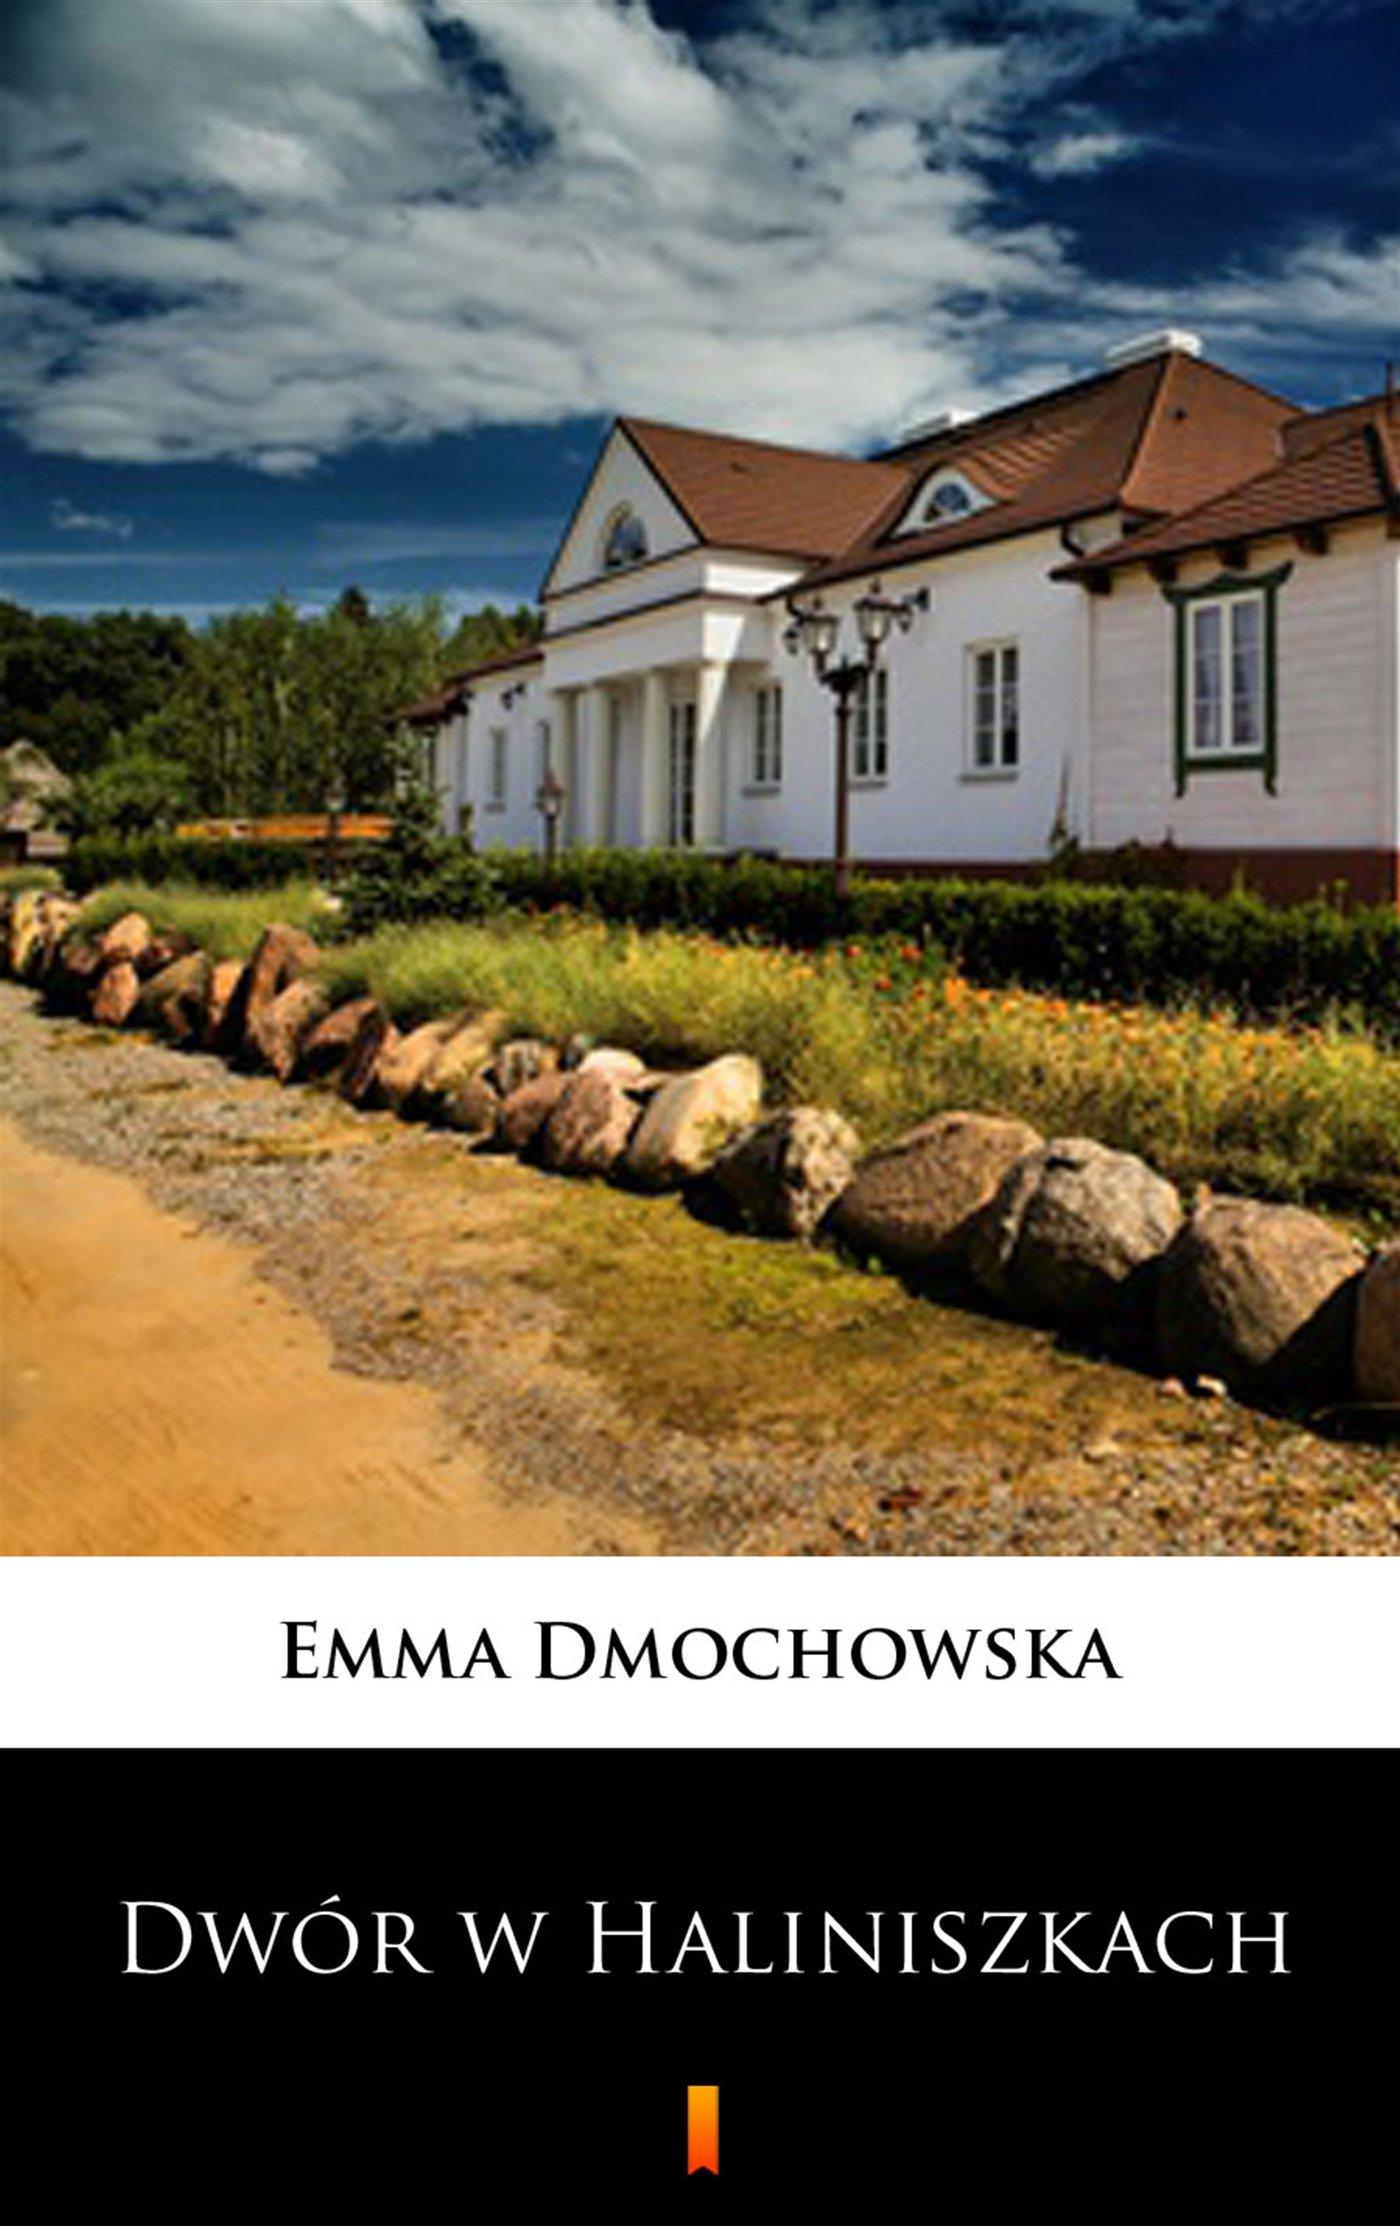 Dwór w Haliniszkach - Ebook (Książka na Kindle) do pobrania w formacie MOBI